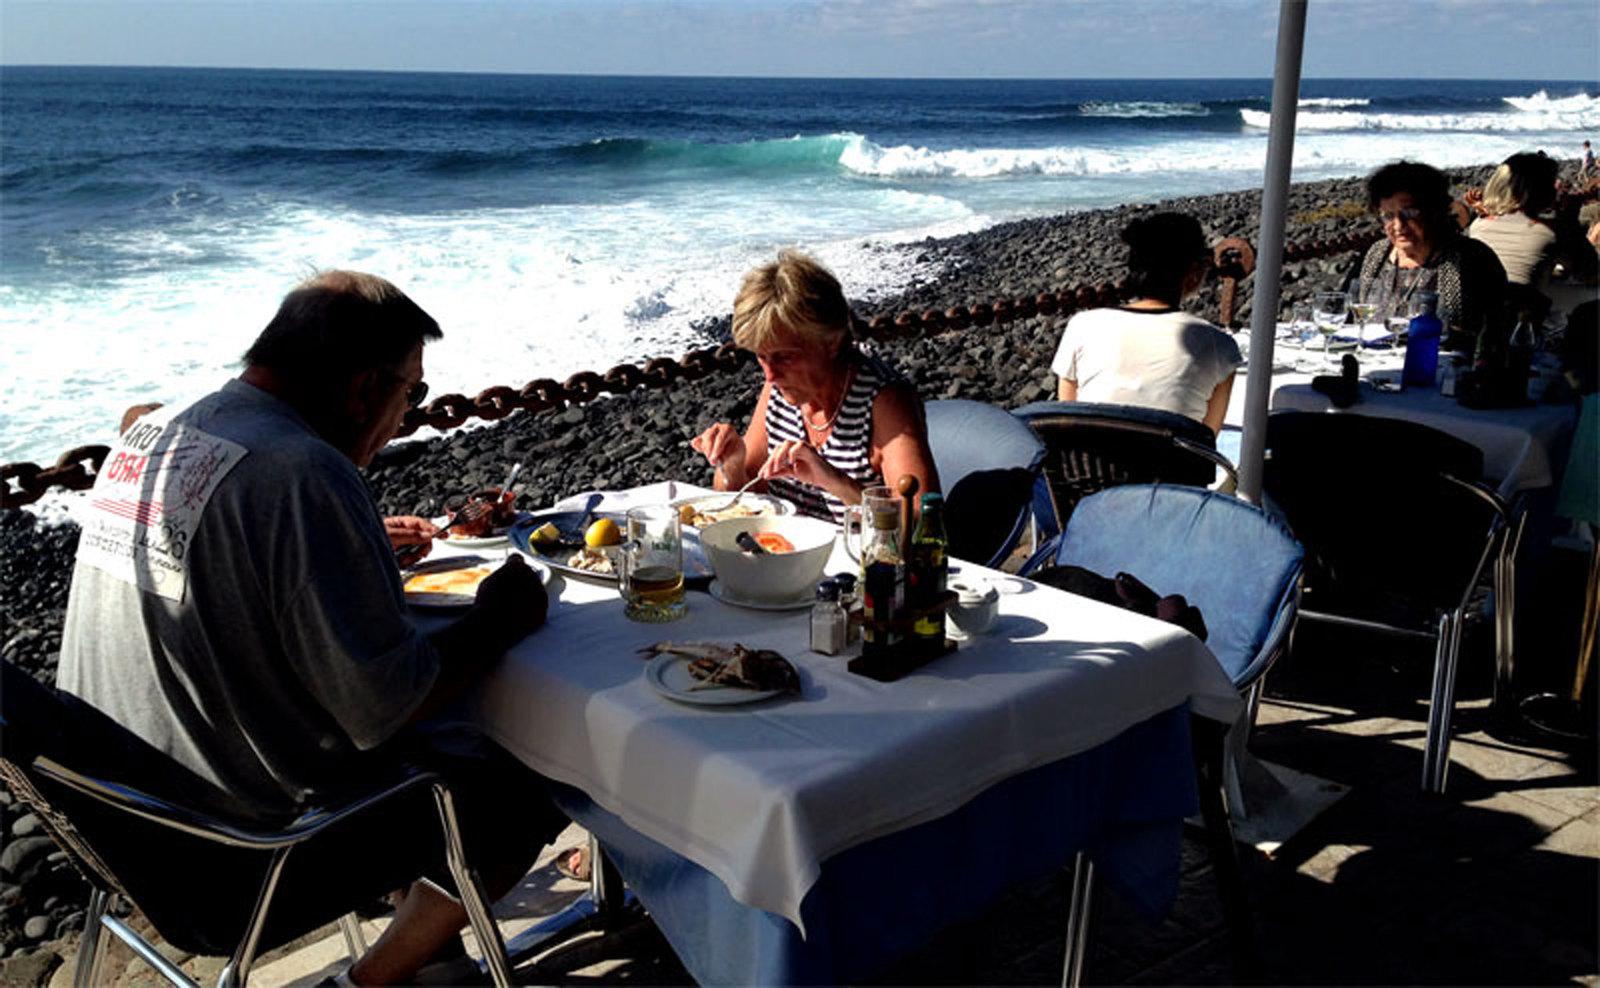 Restaurantes en Lanzarote, El Golfo. Restaurante Costa Azul